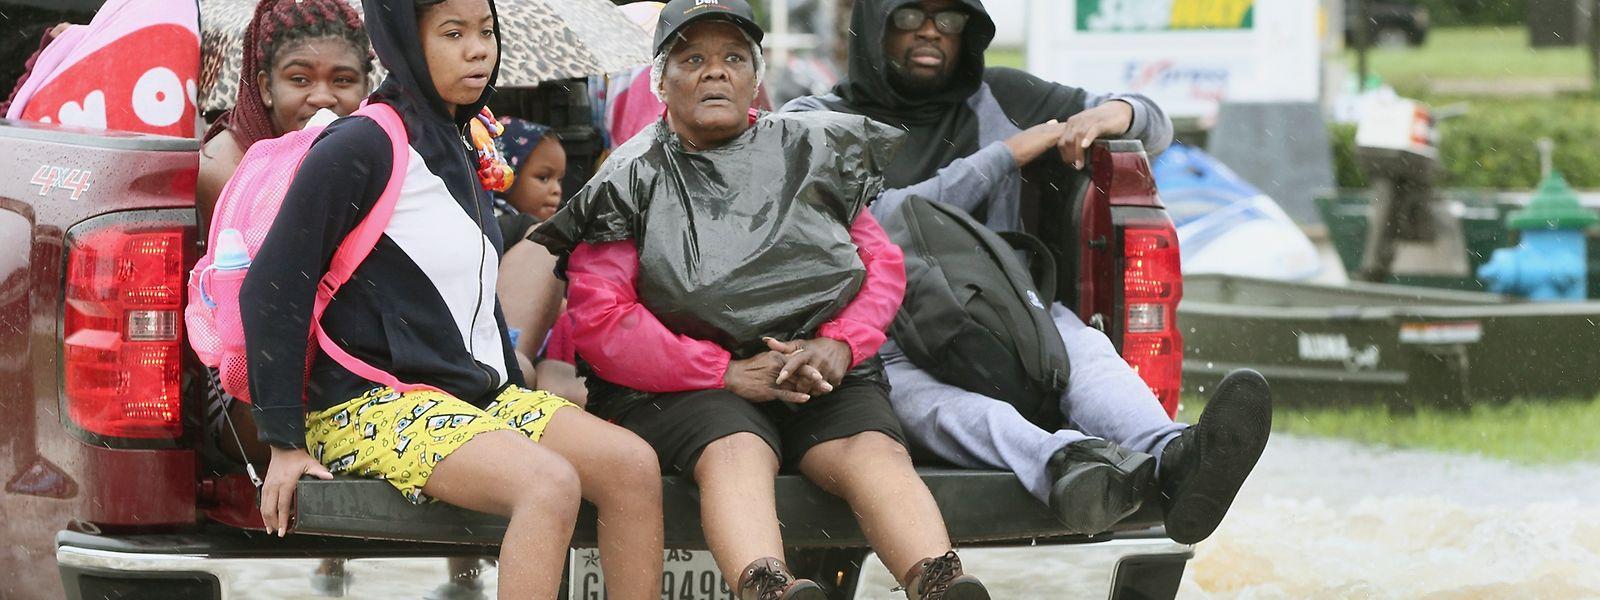 Die Bezirksregierung von Brazoria County im Süden von Houston hat die sofortige Evakuierung angeordnet.